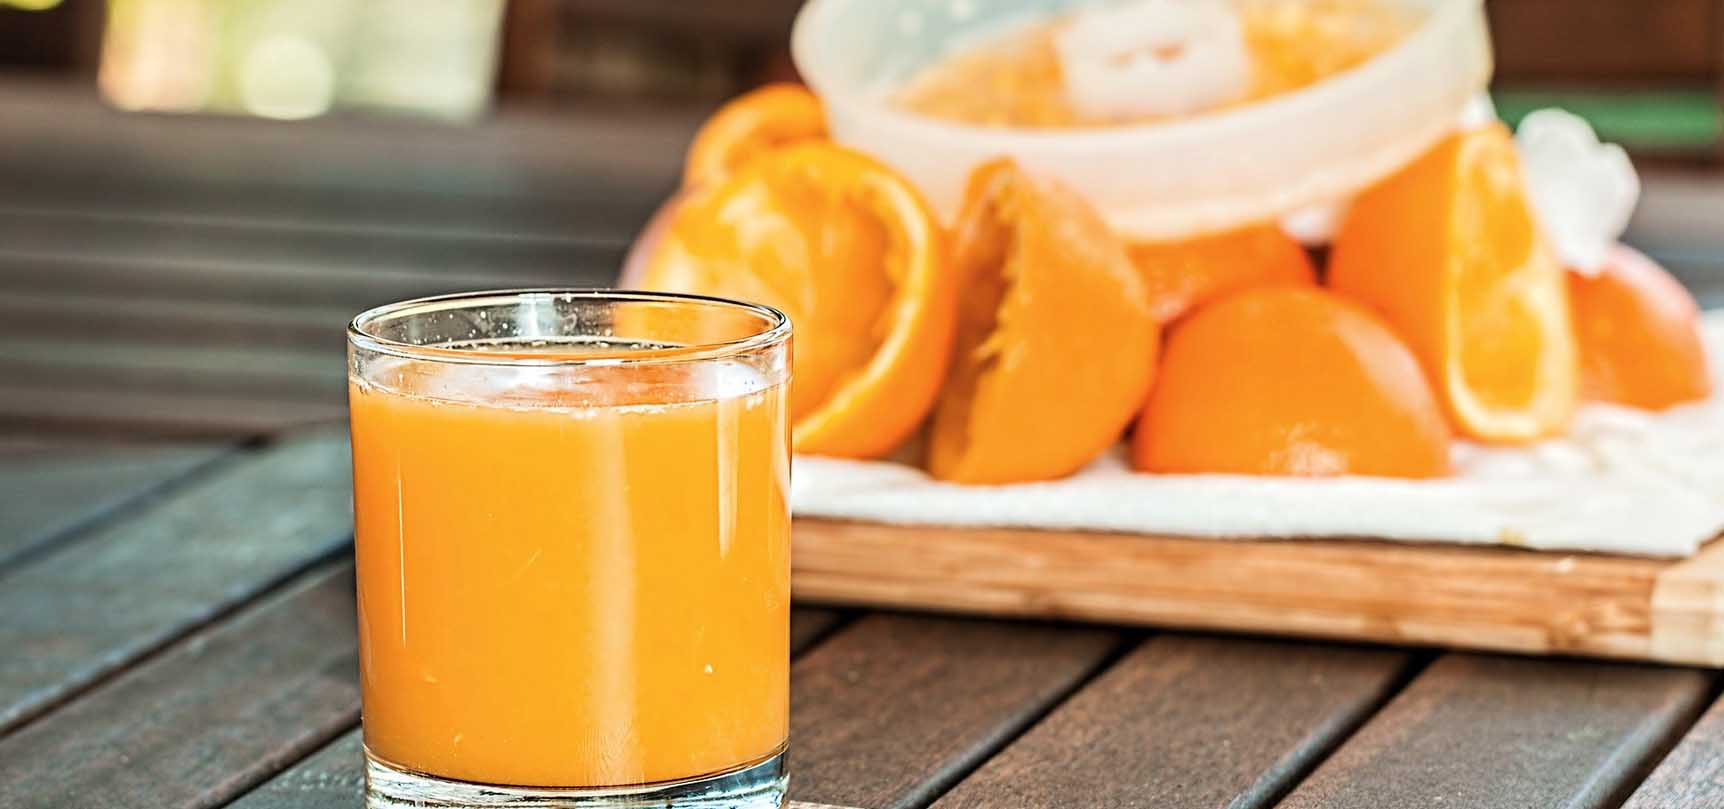 beneficios-de-tomar-zumo-de-naranja